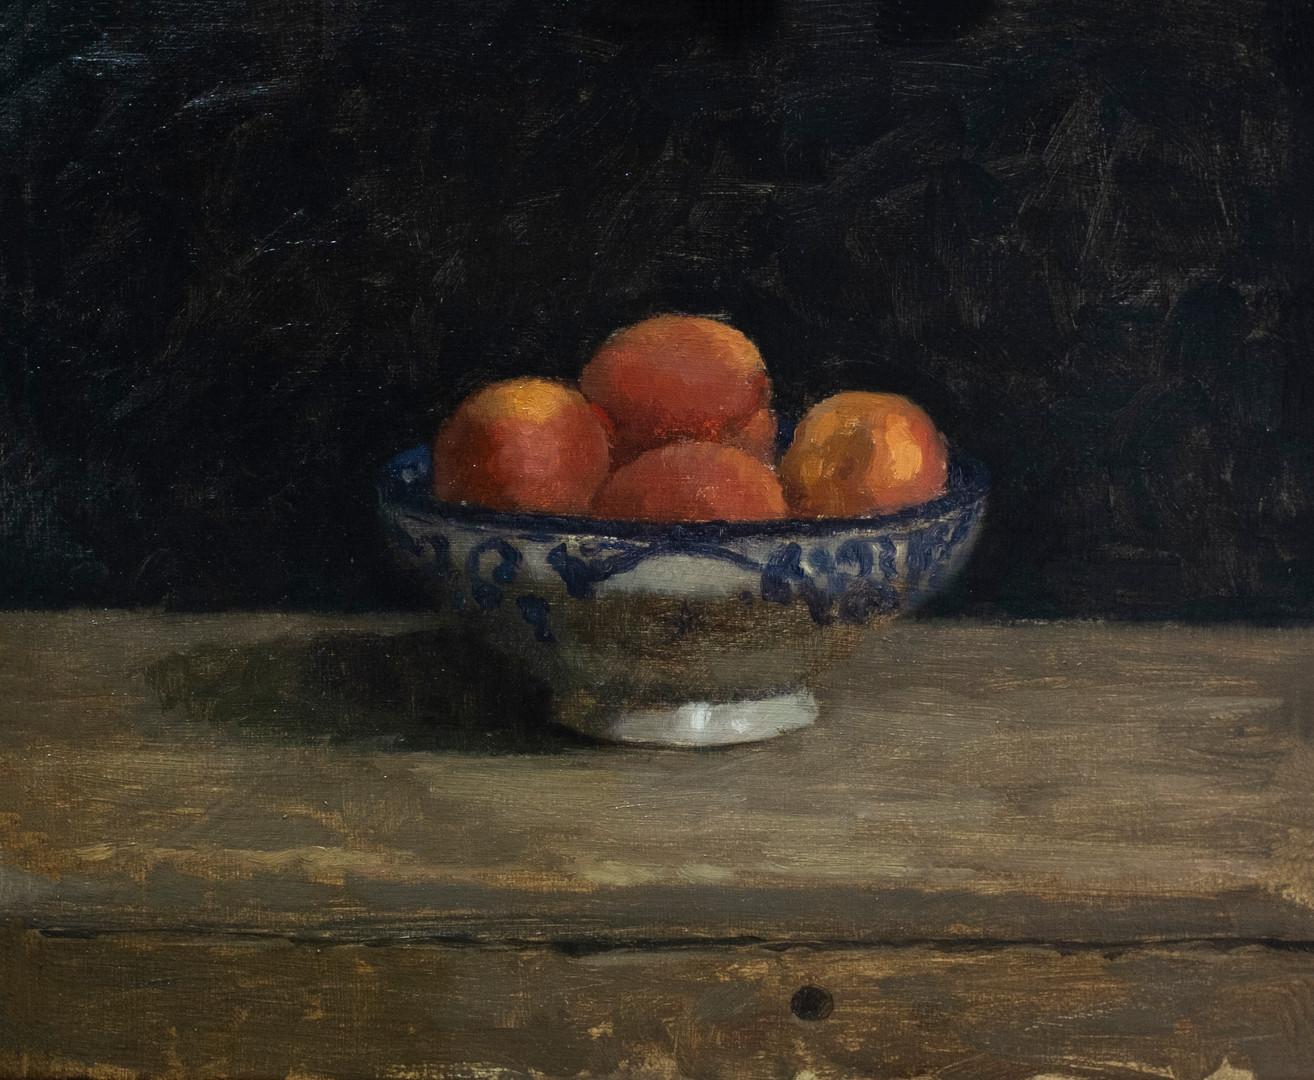 Bowl of Nectarines